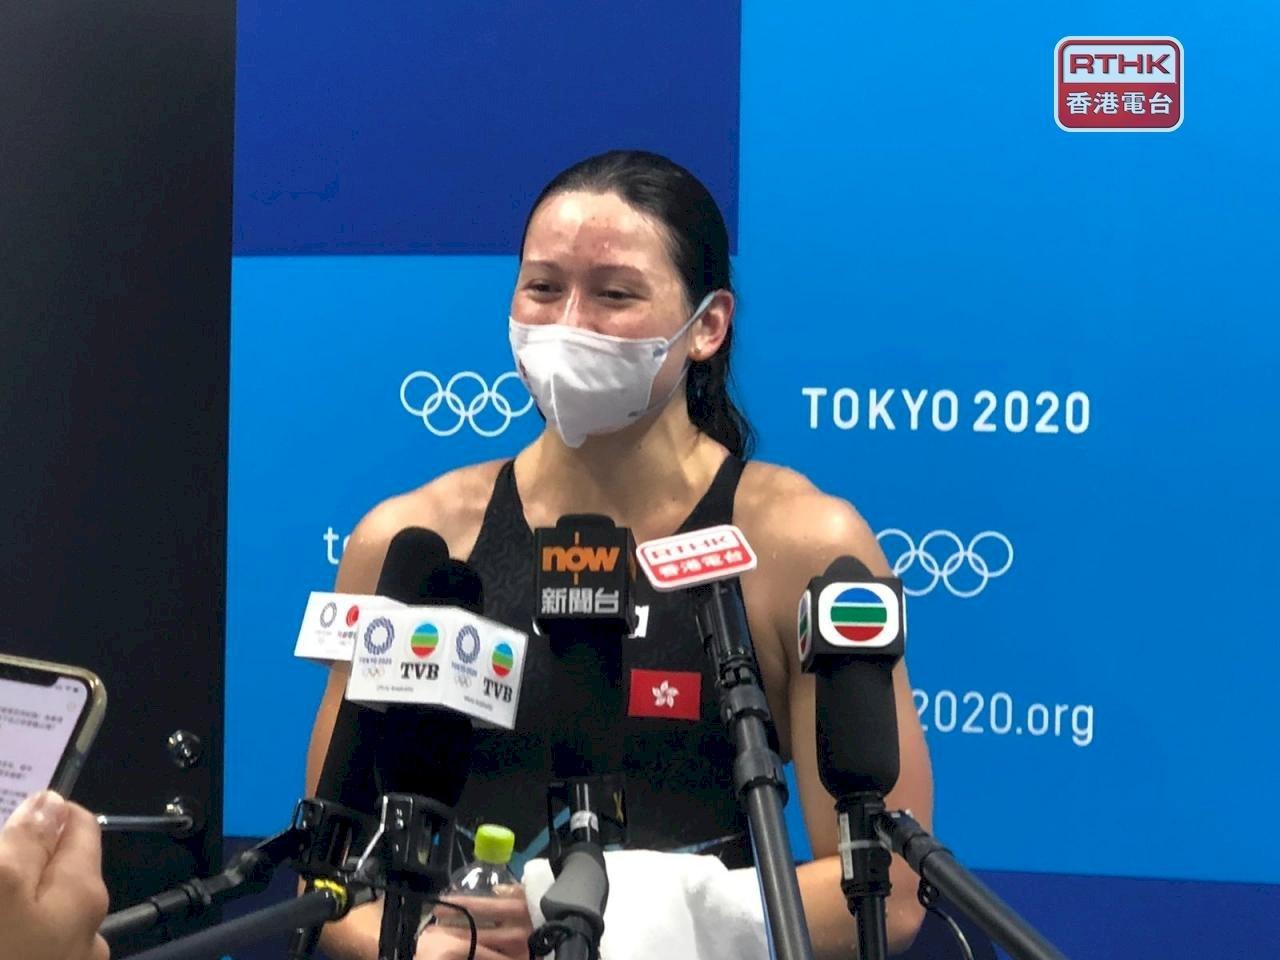 東京奧運 香港女子200公尺自由泳摘銀牌